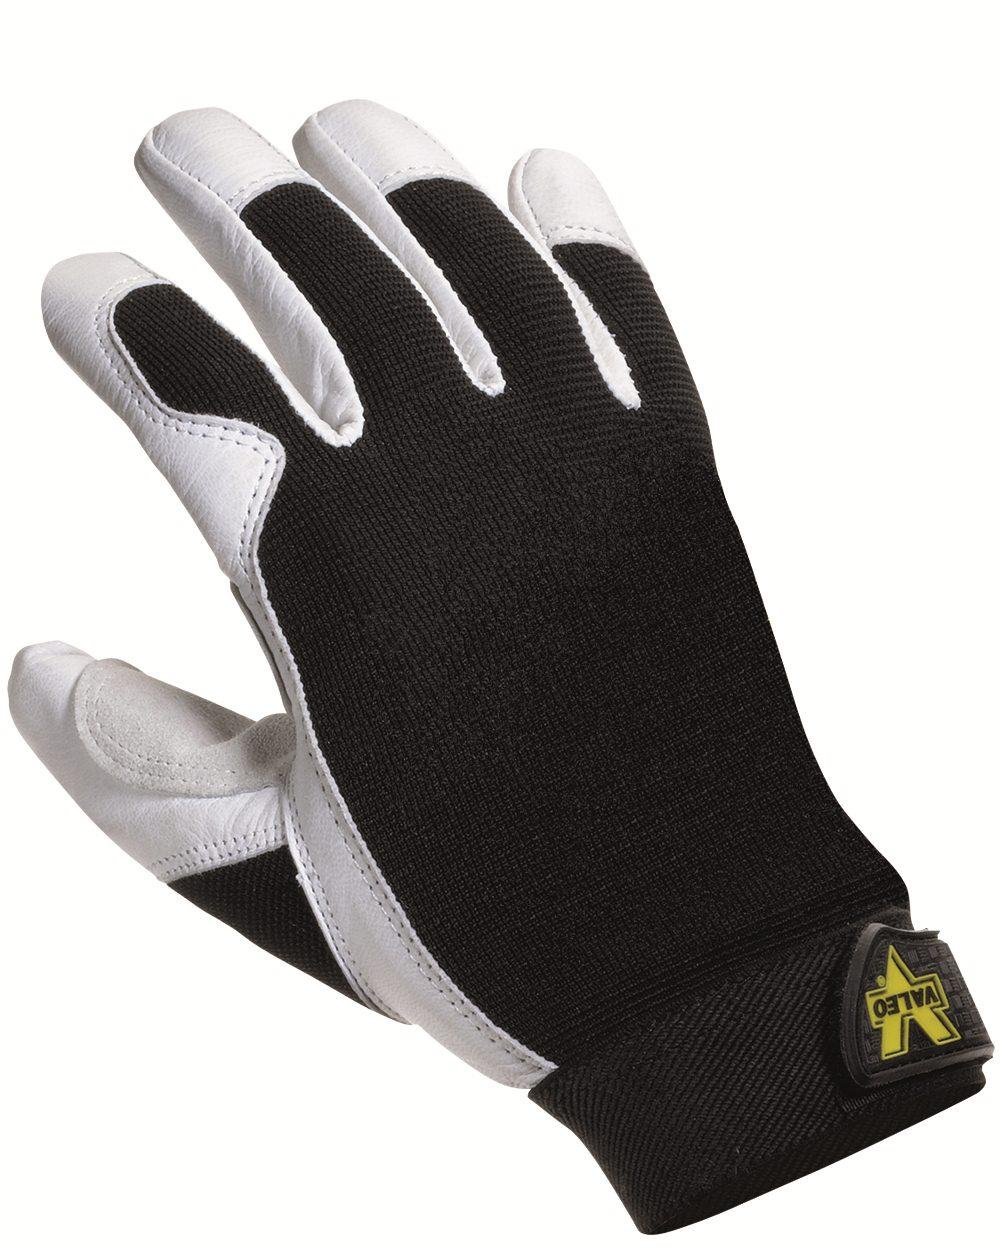 Valeo V255 - Leather Utility Gloves